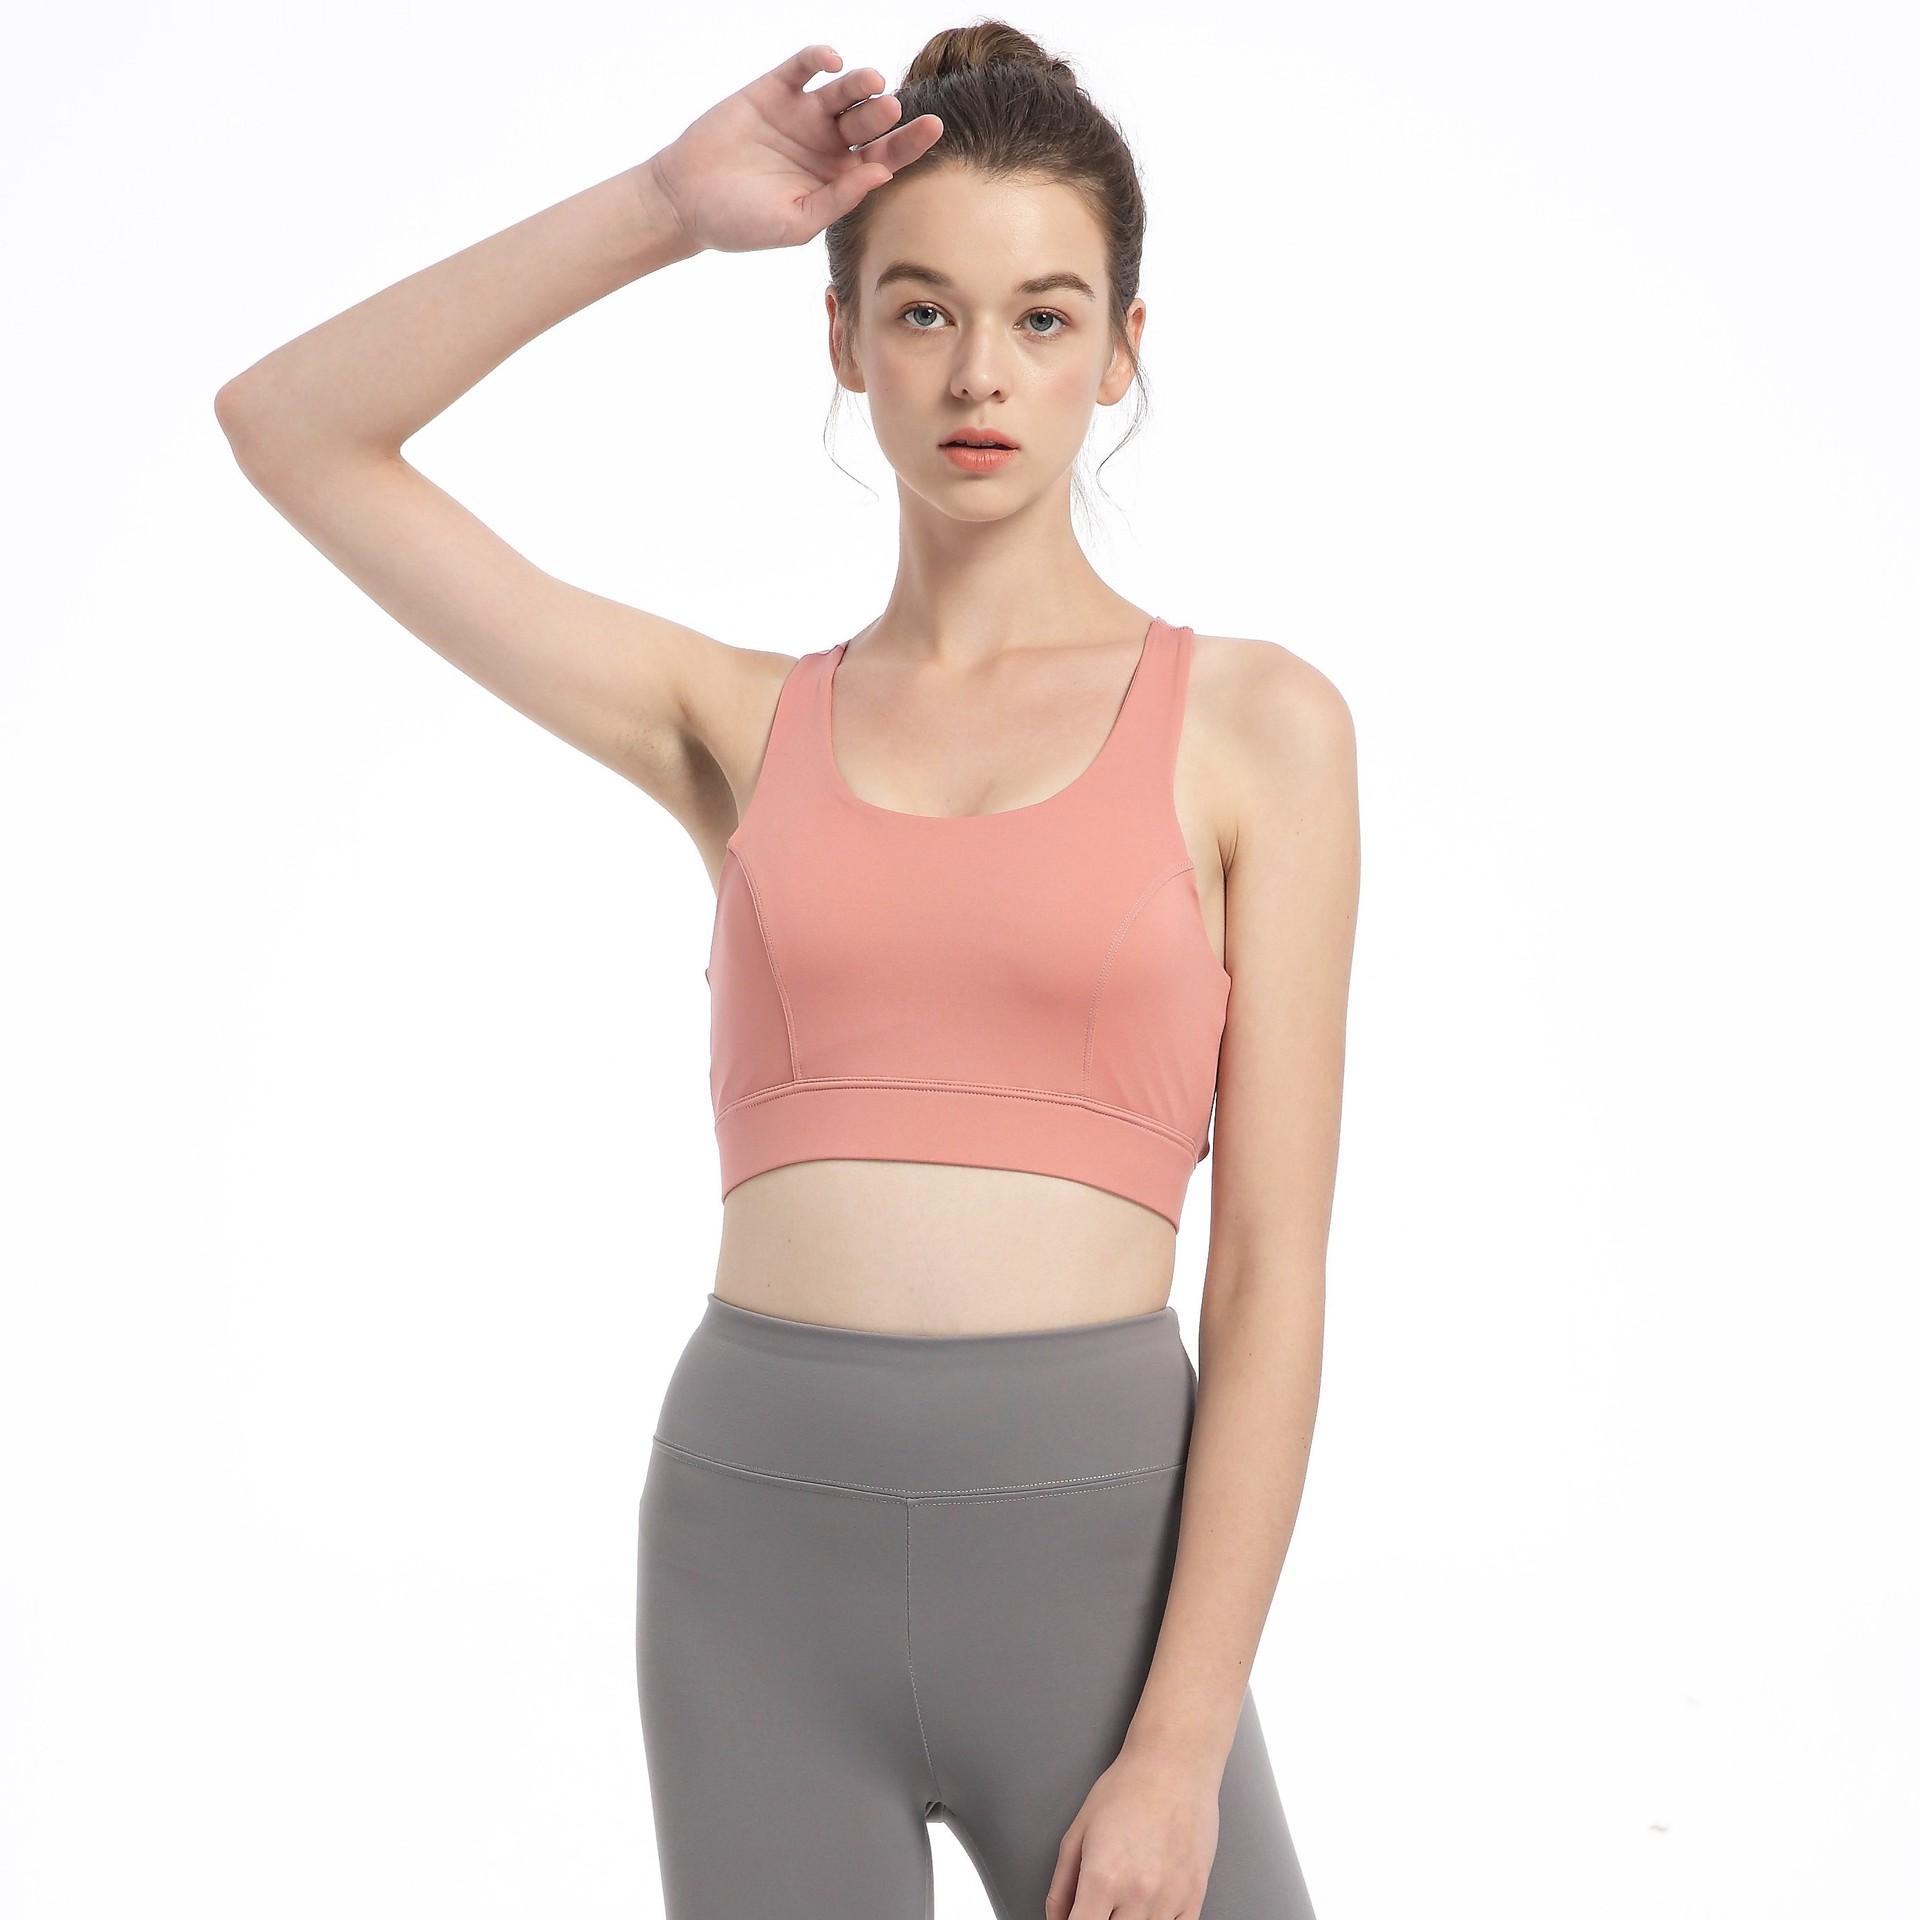 新款大码胖mm防震运动文胸聚拢定型内衣健身美背瑜伽跑步背心bra券后59.15元